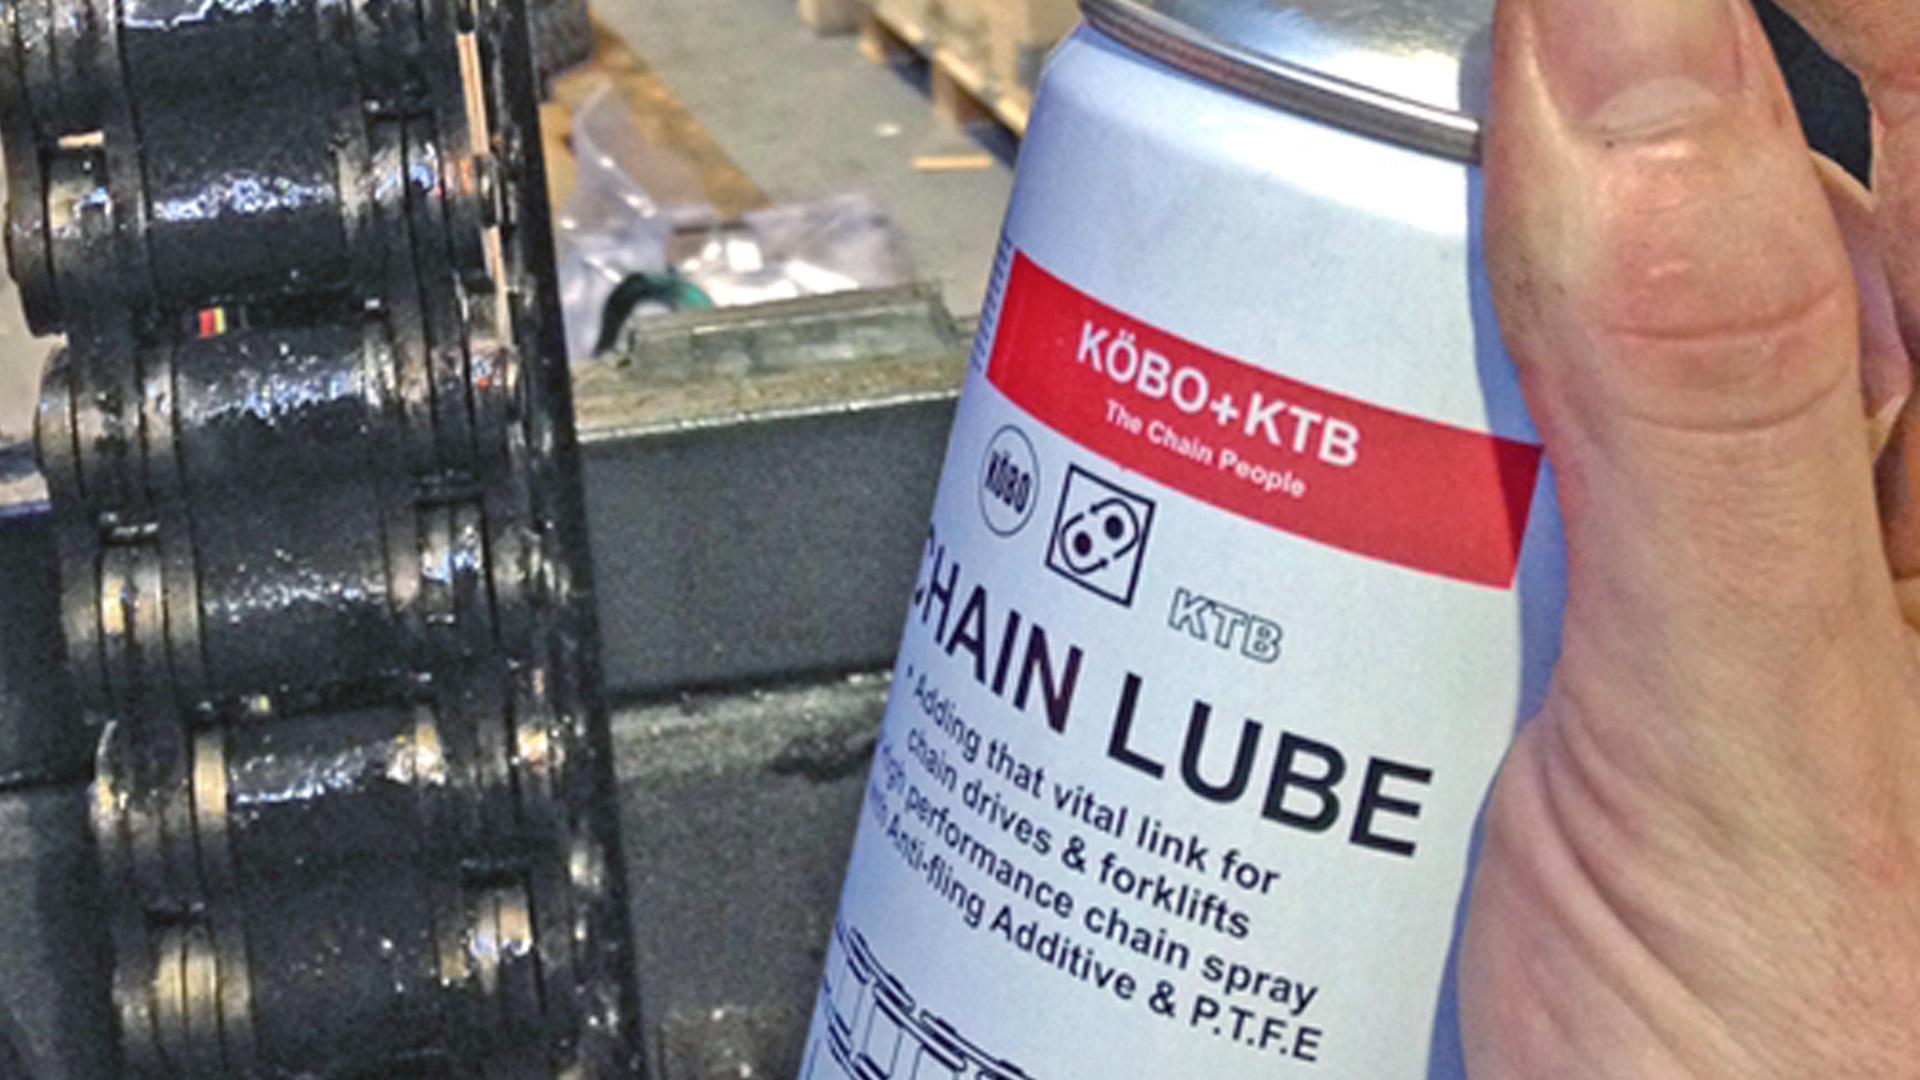 ¿Qué tan seguido se requiere lubricar las cadenas?